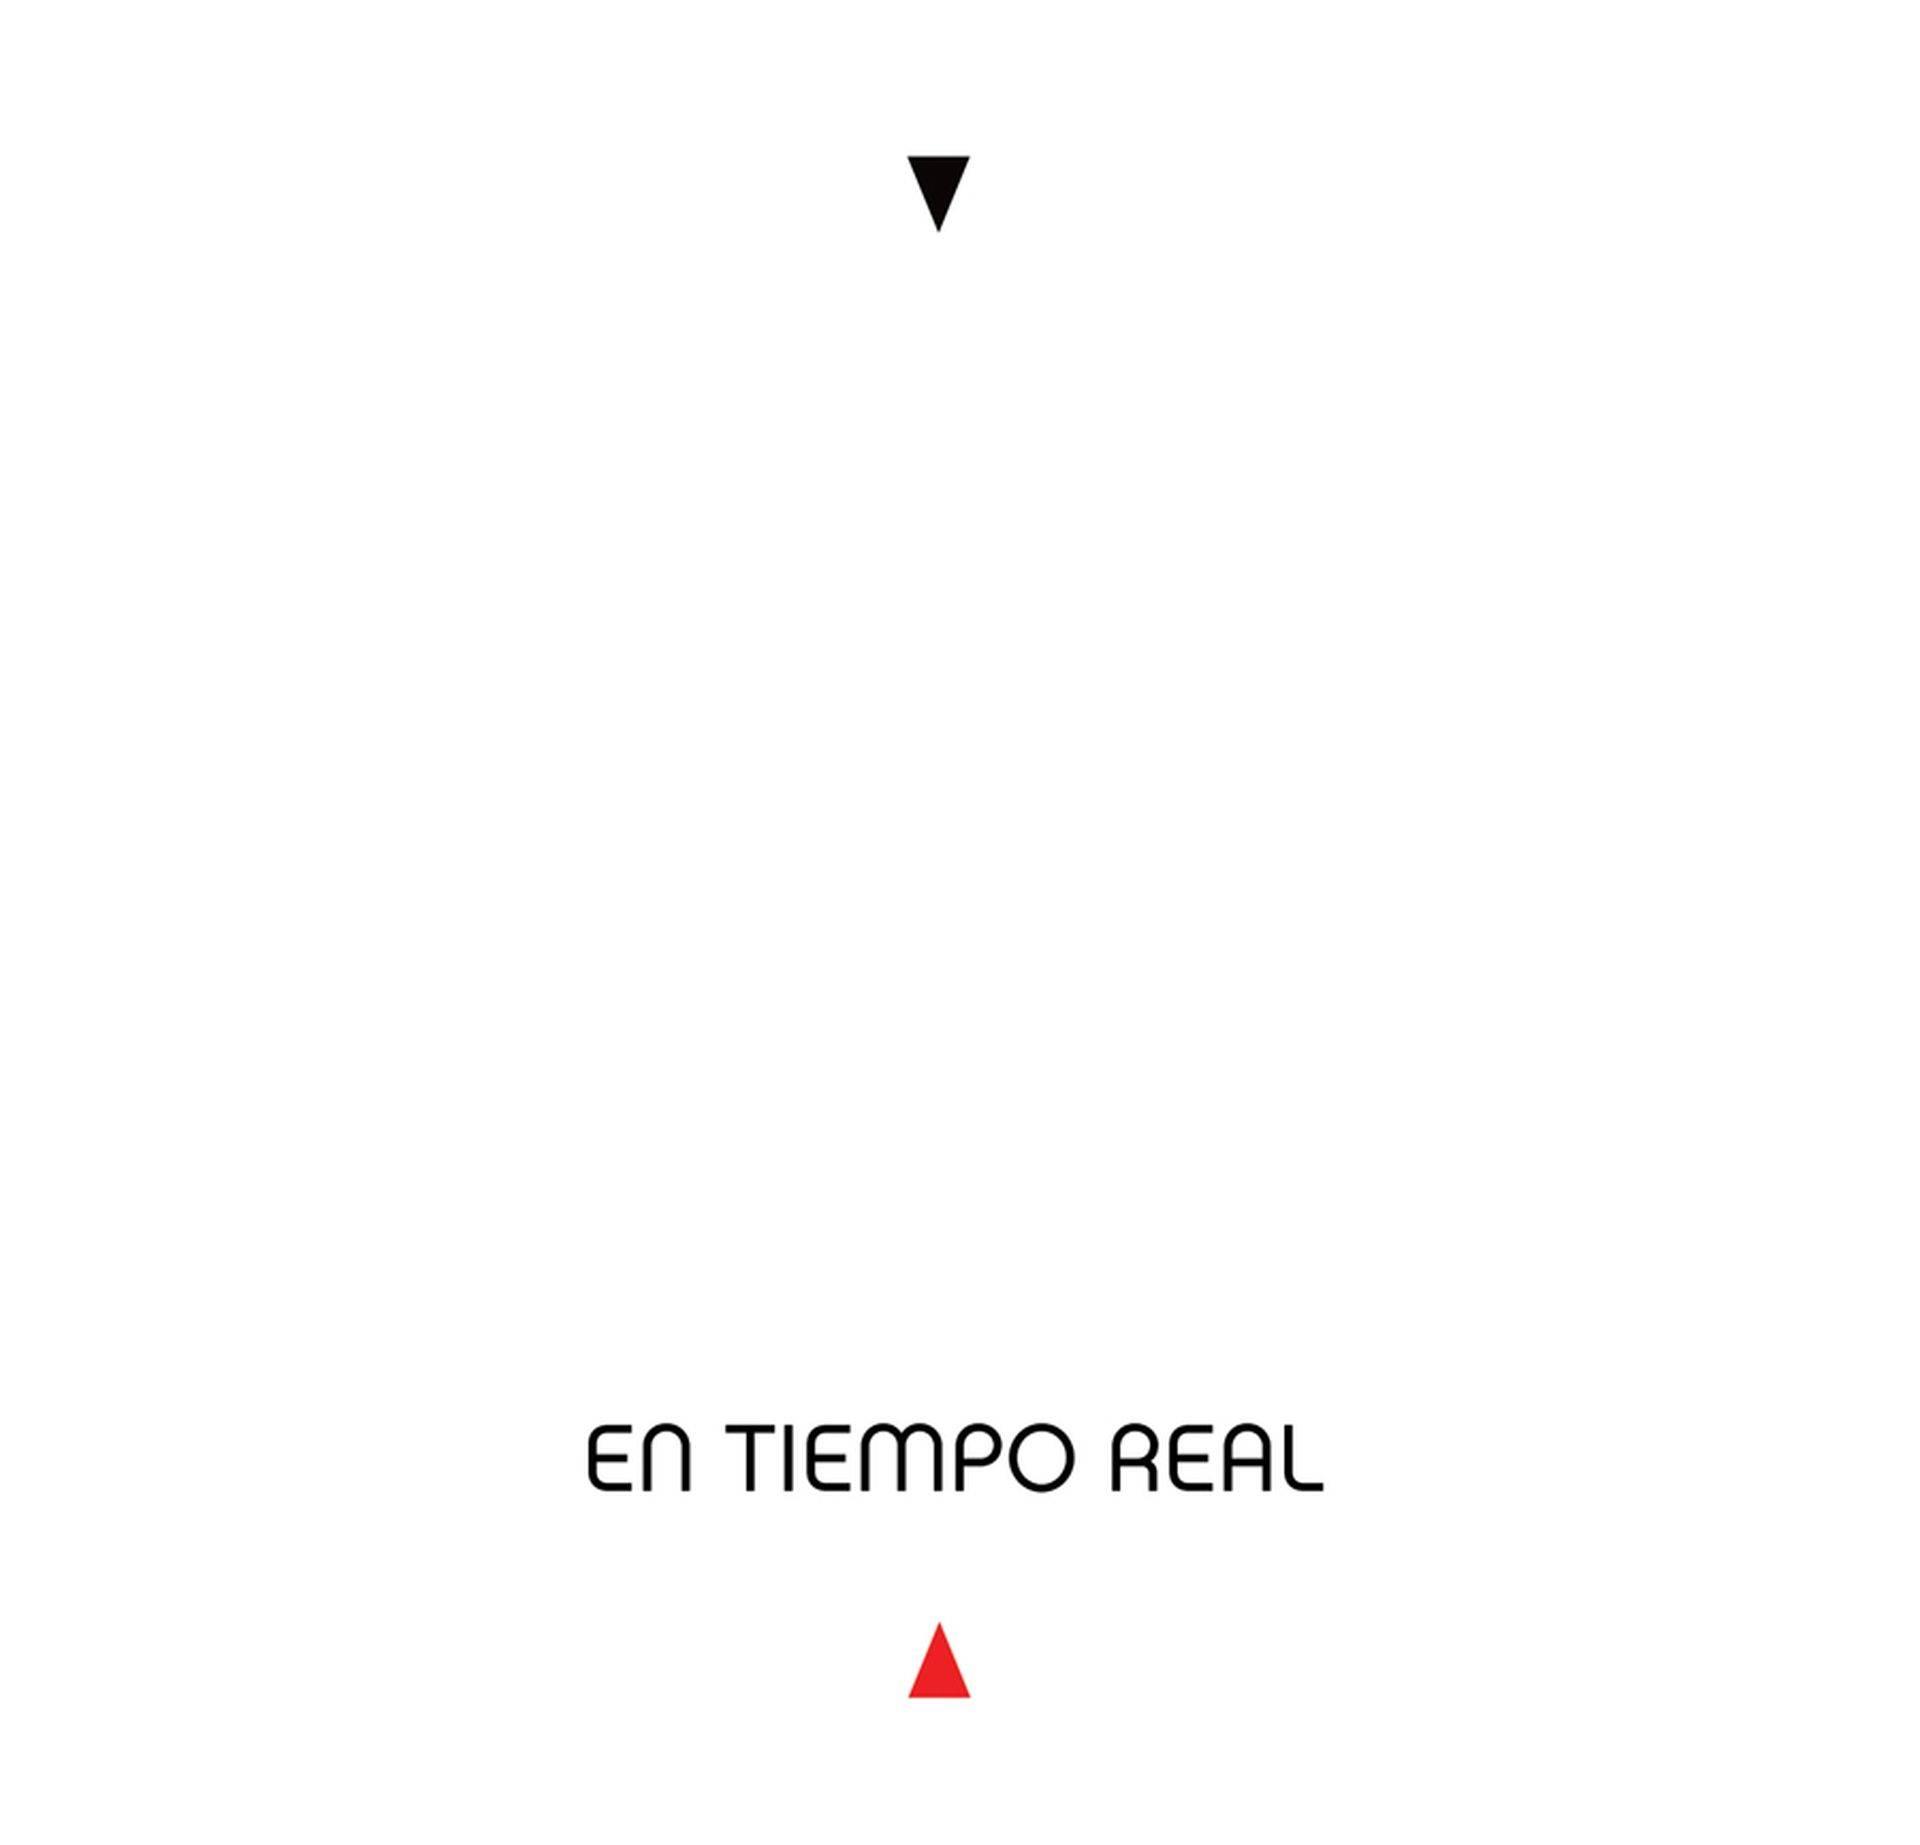 """Portada del álbum """"En tiempo real"""", de Charly Mucharrima y Los Niches."""